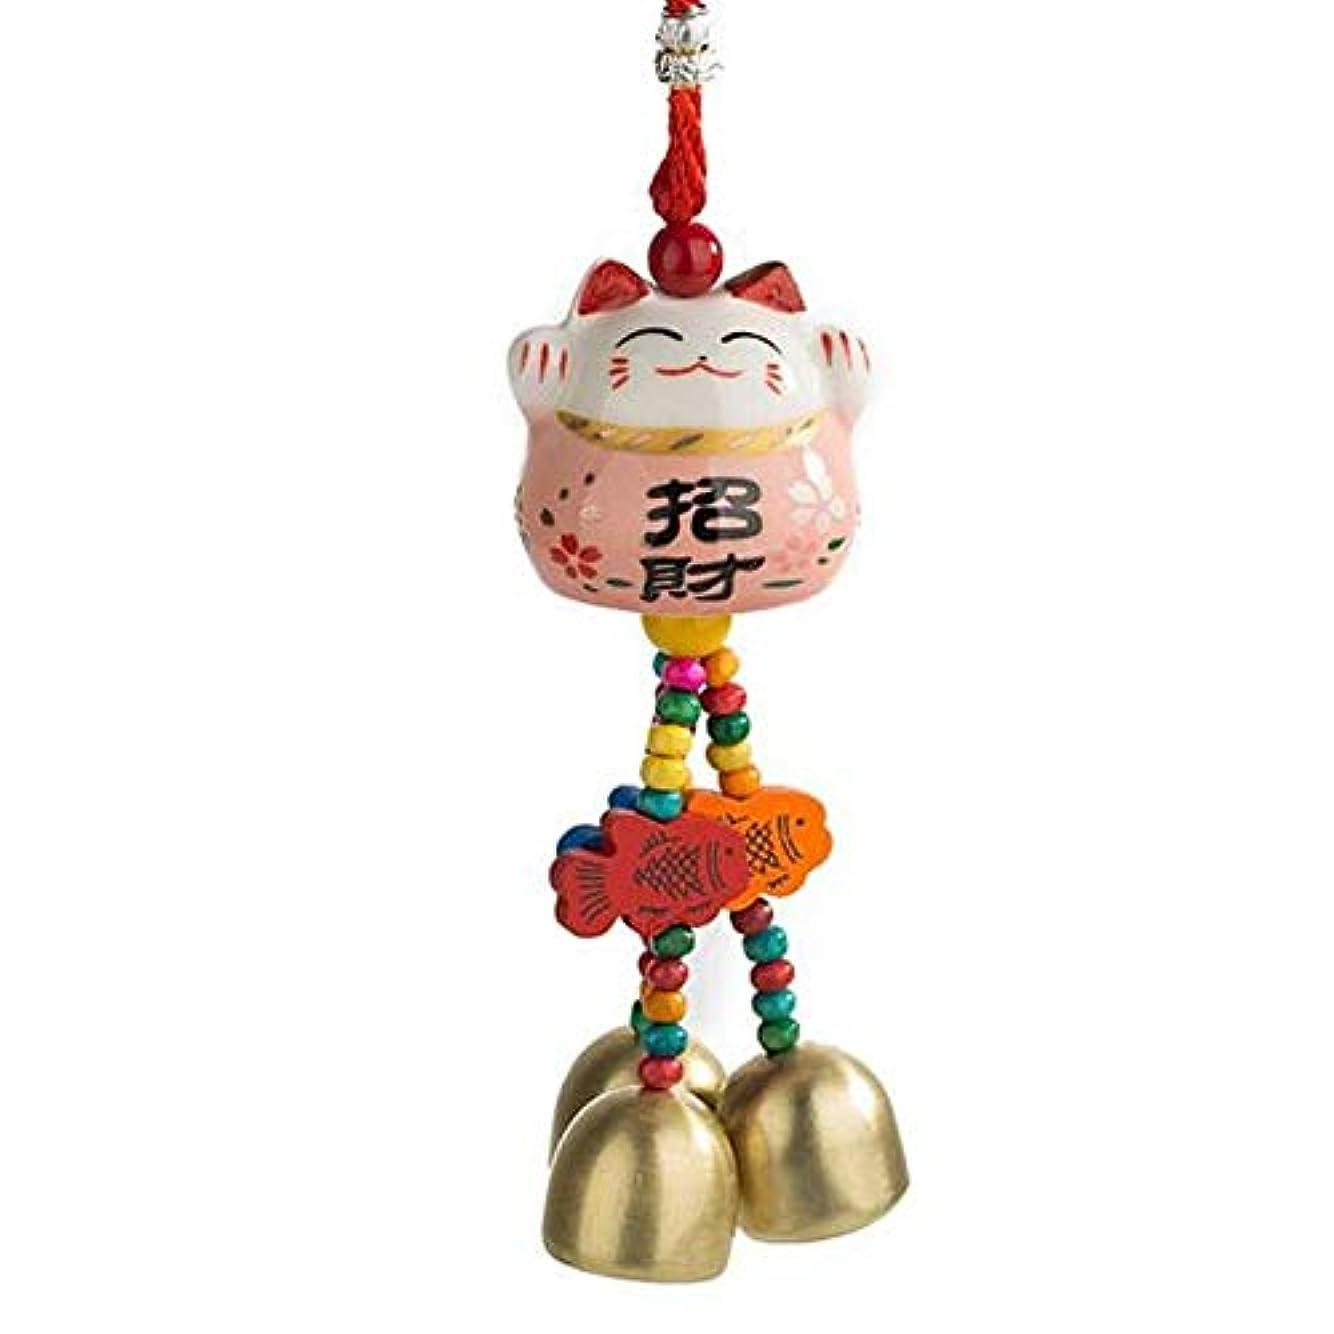 閉塞ジョグ移動するHongyuantongxun 風チャイム、かわいいクリエイティブセラミック猫風の鐘、赤、長い28センチメートル,、装飾品ペンダント (Color : Pink)